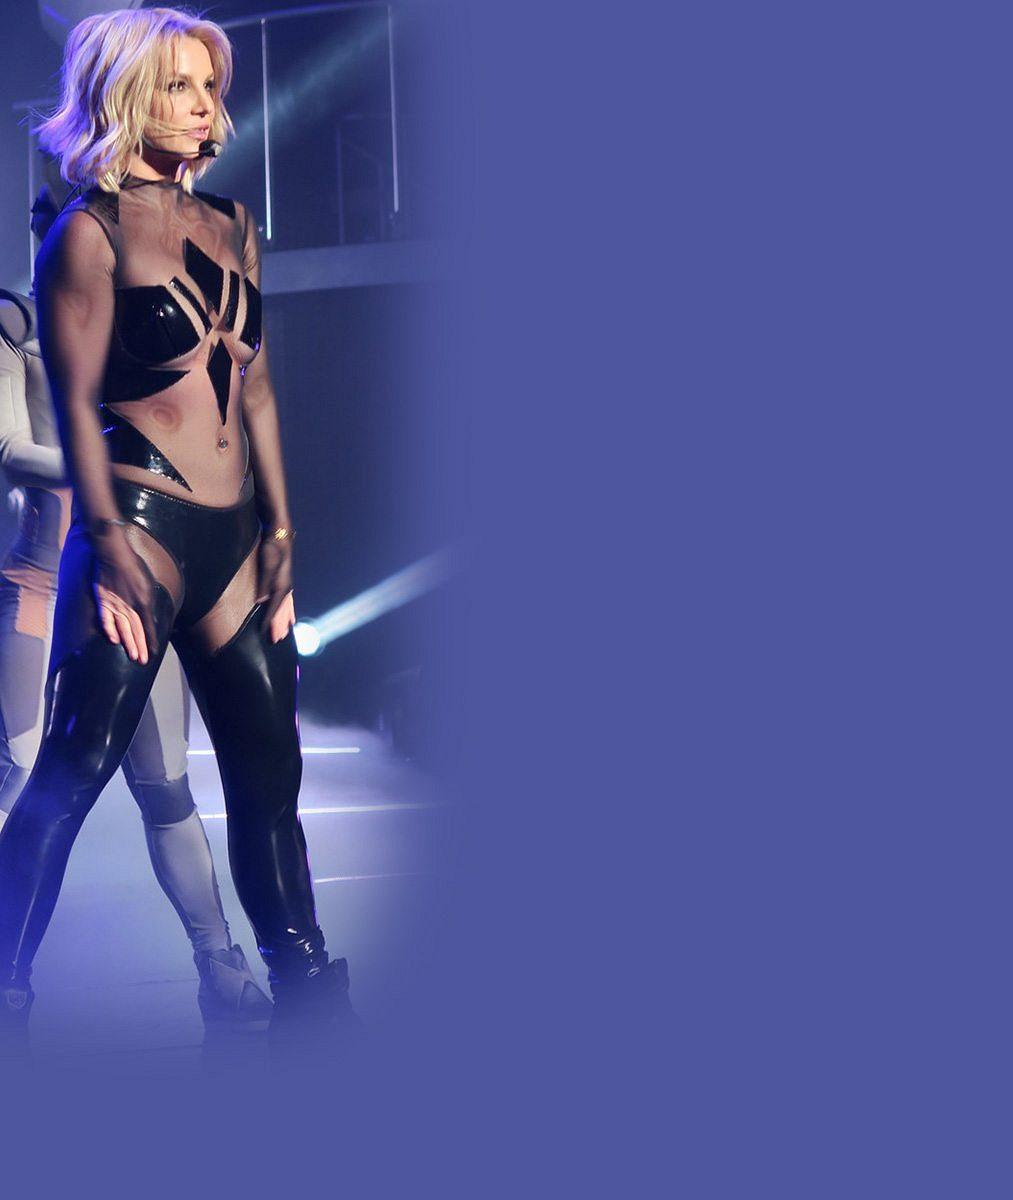 Wow! Britney Spears je v takové formě, že vystupuje téměř nahá